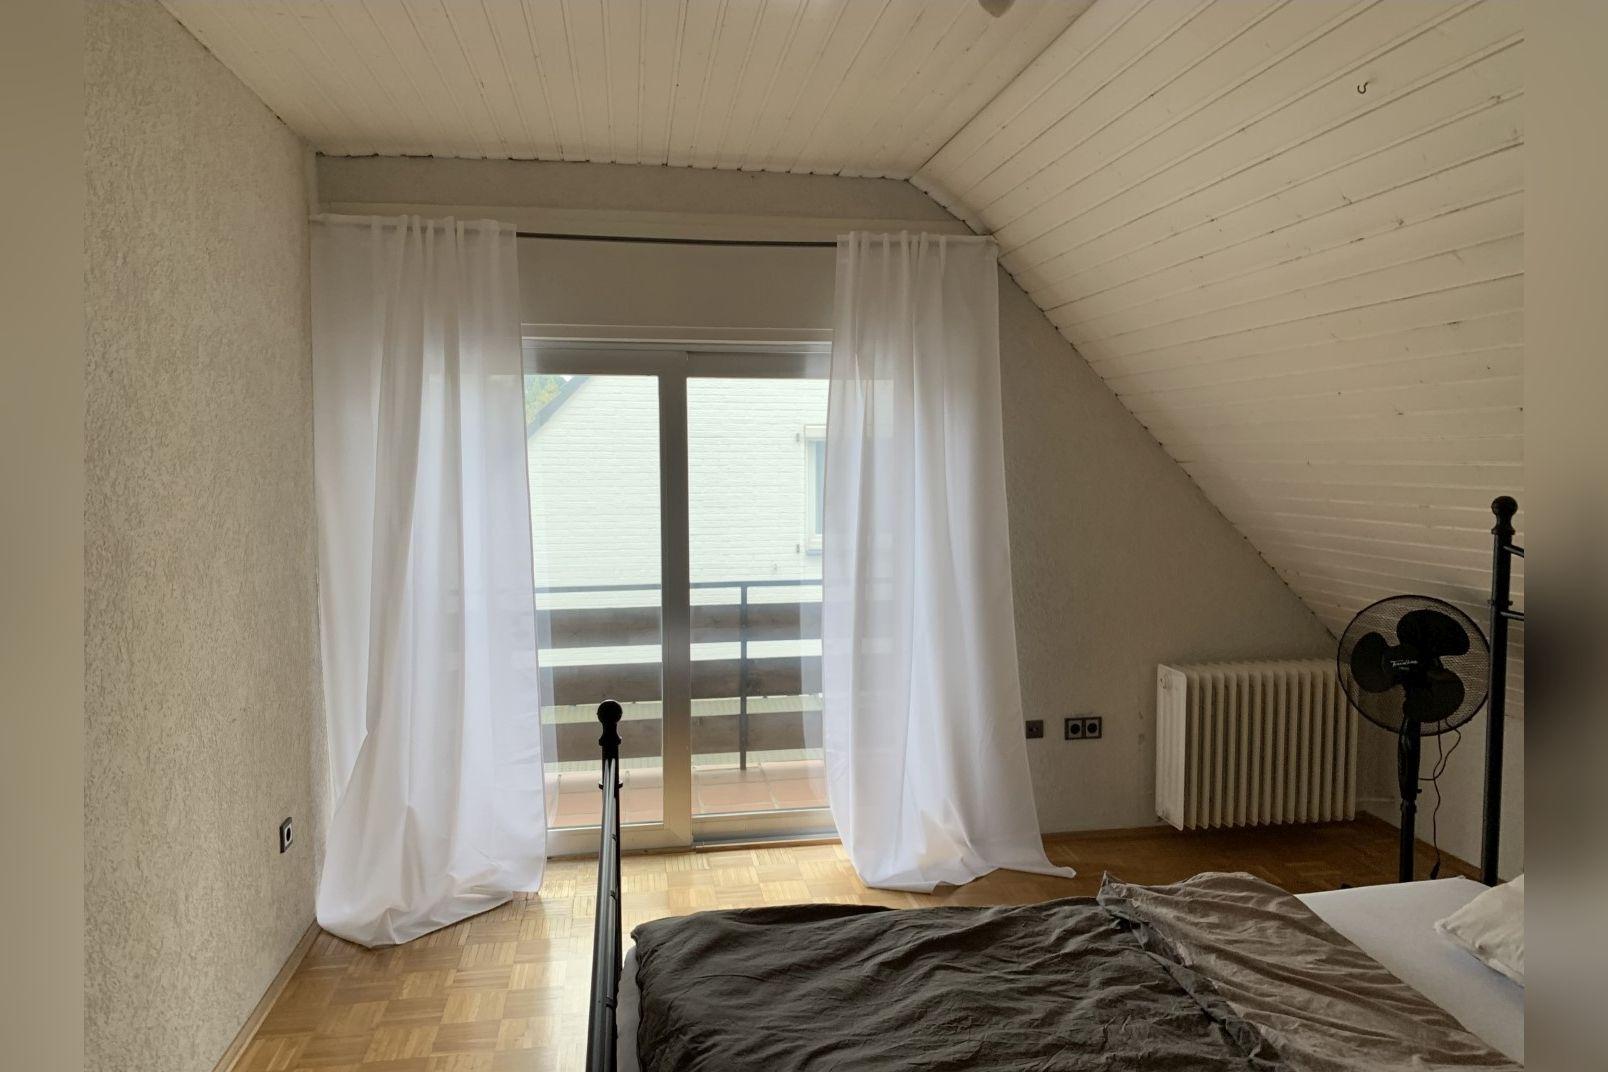 Immobilie Nr.0260 - Einfamilienhaus, zum 2-FH erweiterbar. Spitzboden als zusätzl. Ausbaureserve - Bild 12.jpg